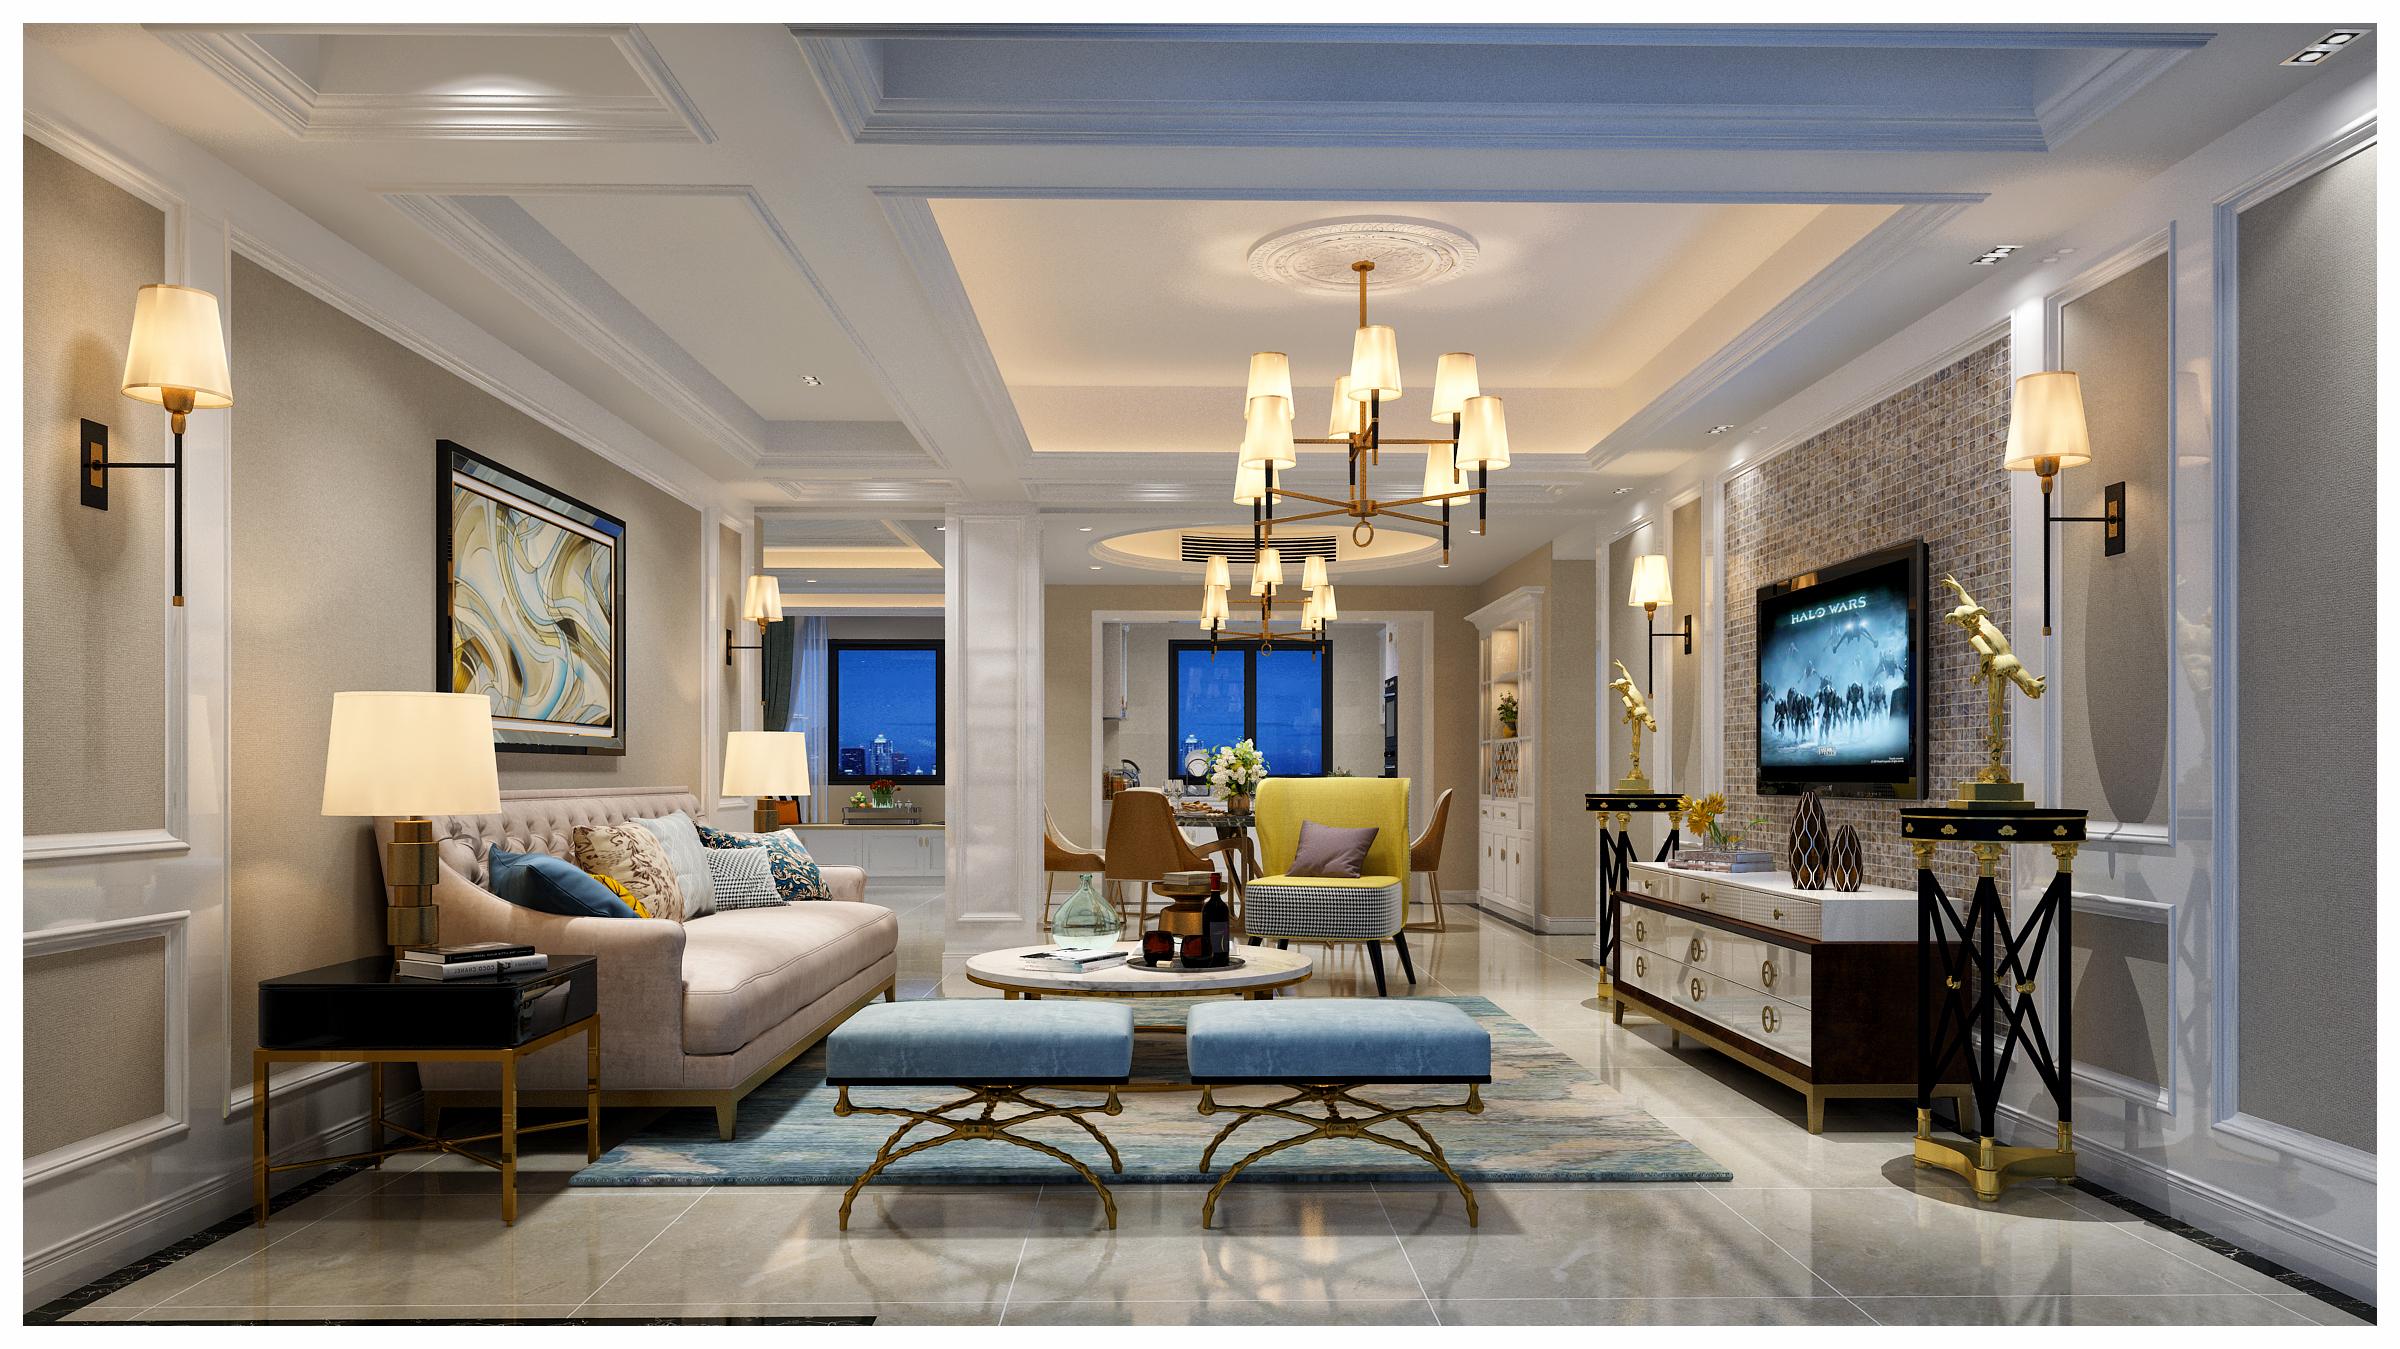 国际公寓二区装修案例